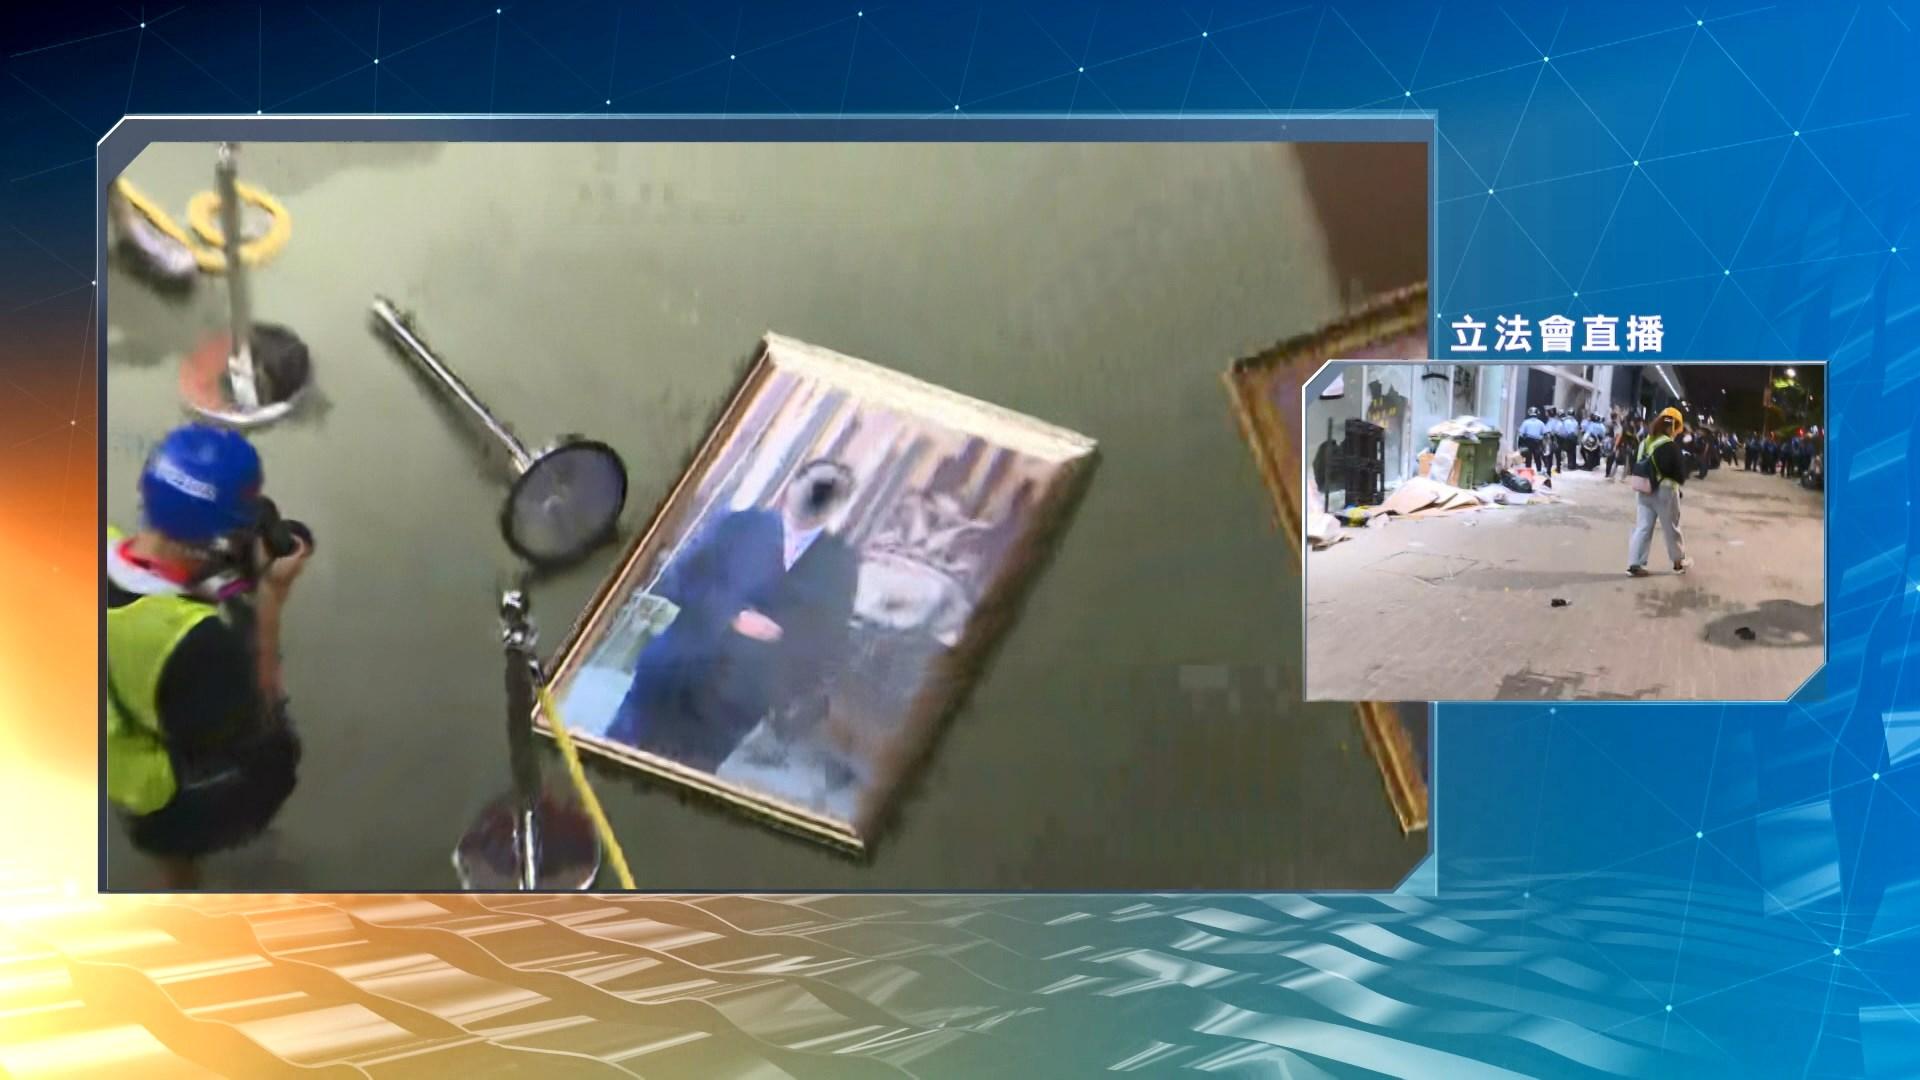 示威者佔據會議廳塗污區徽 梁君彥相片被拆